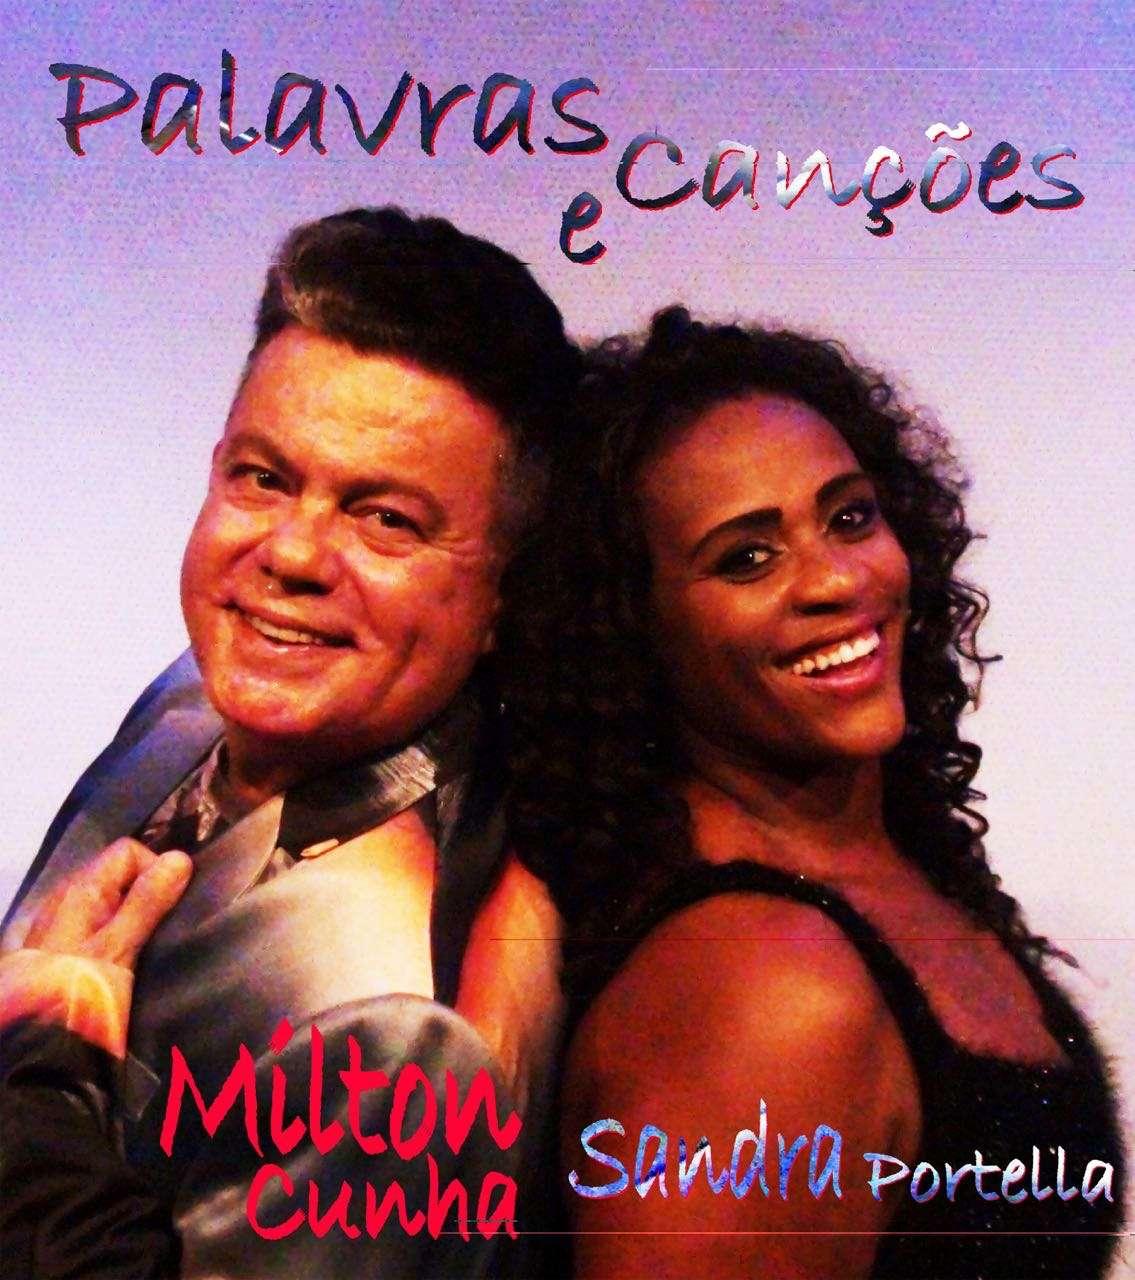 Milton Cunha estreia seu novo espetáculoPALAVRAS e CANÇÕES